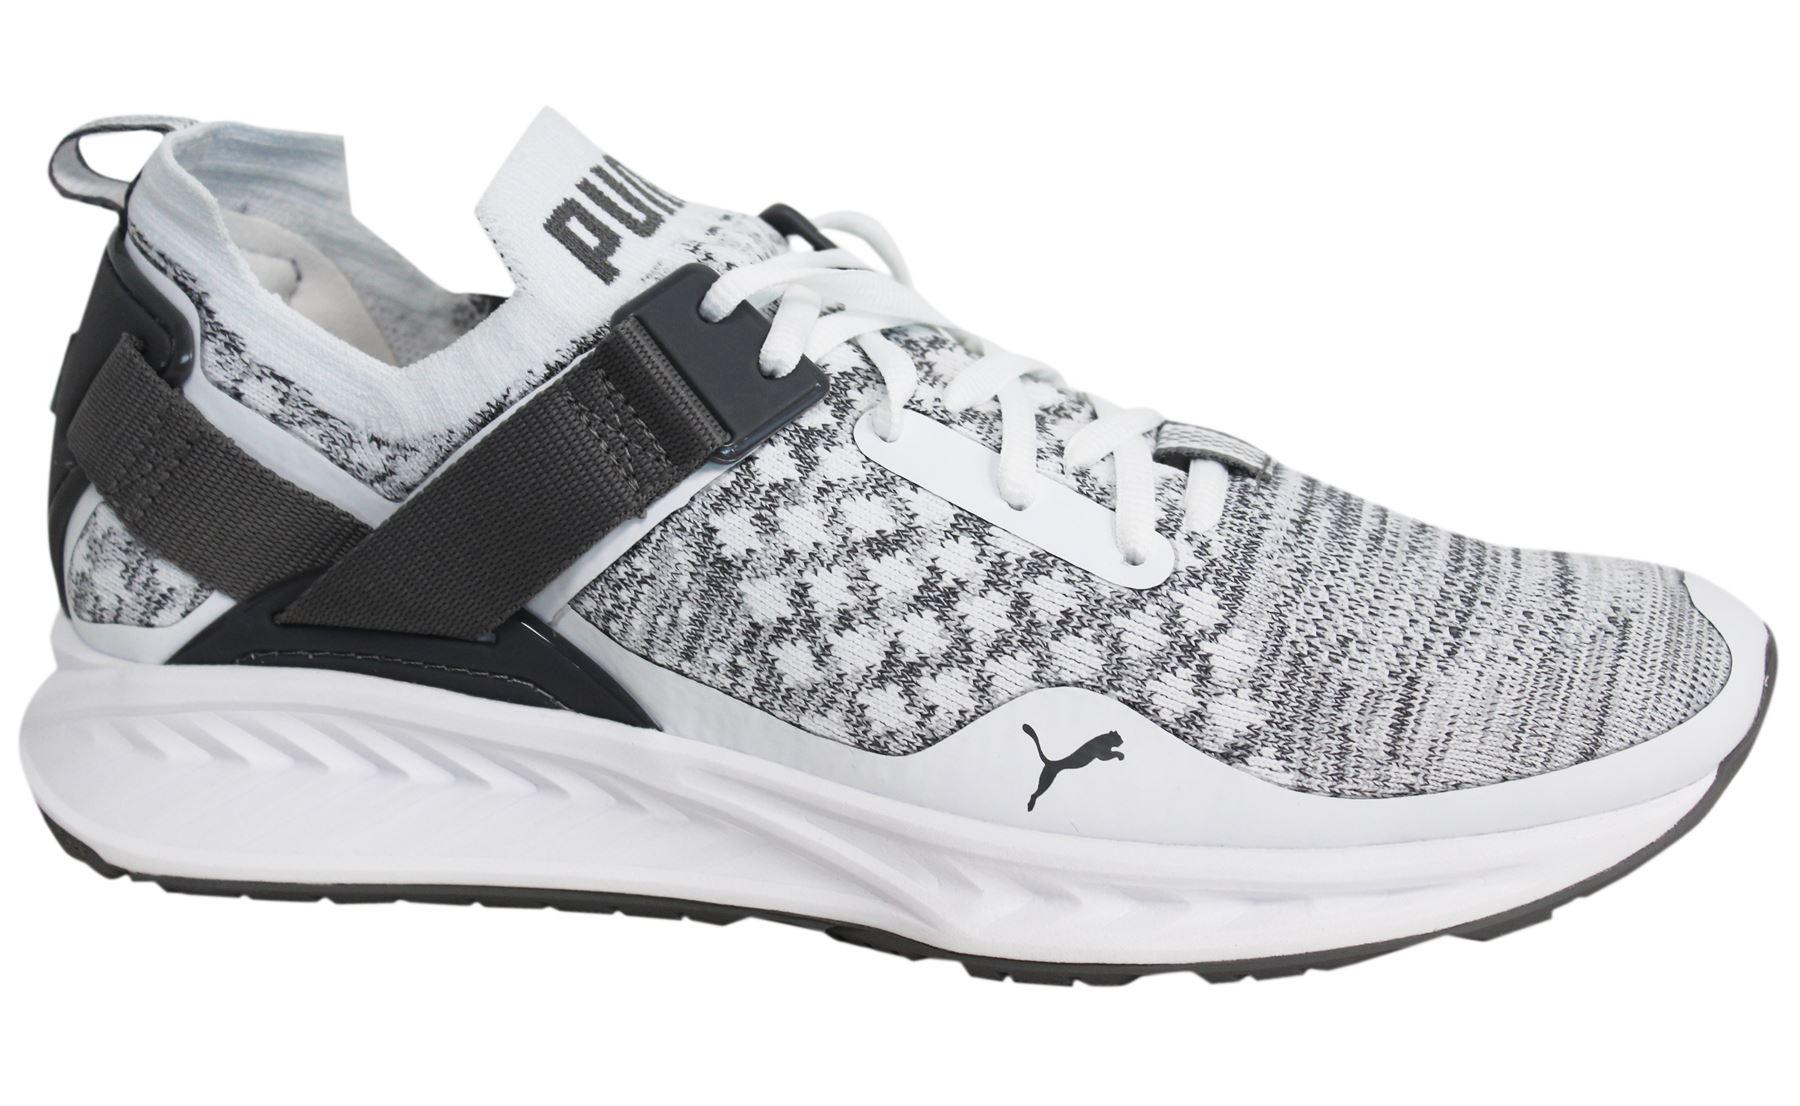 1cebf8fe10 Puma Ignite evoKNIT Lo Lace Up Mens White Grey Textile Trainers ...